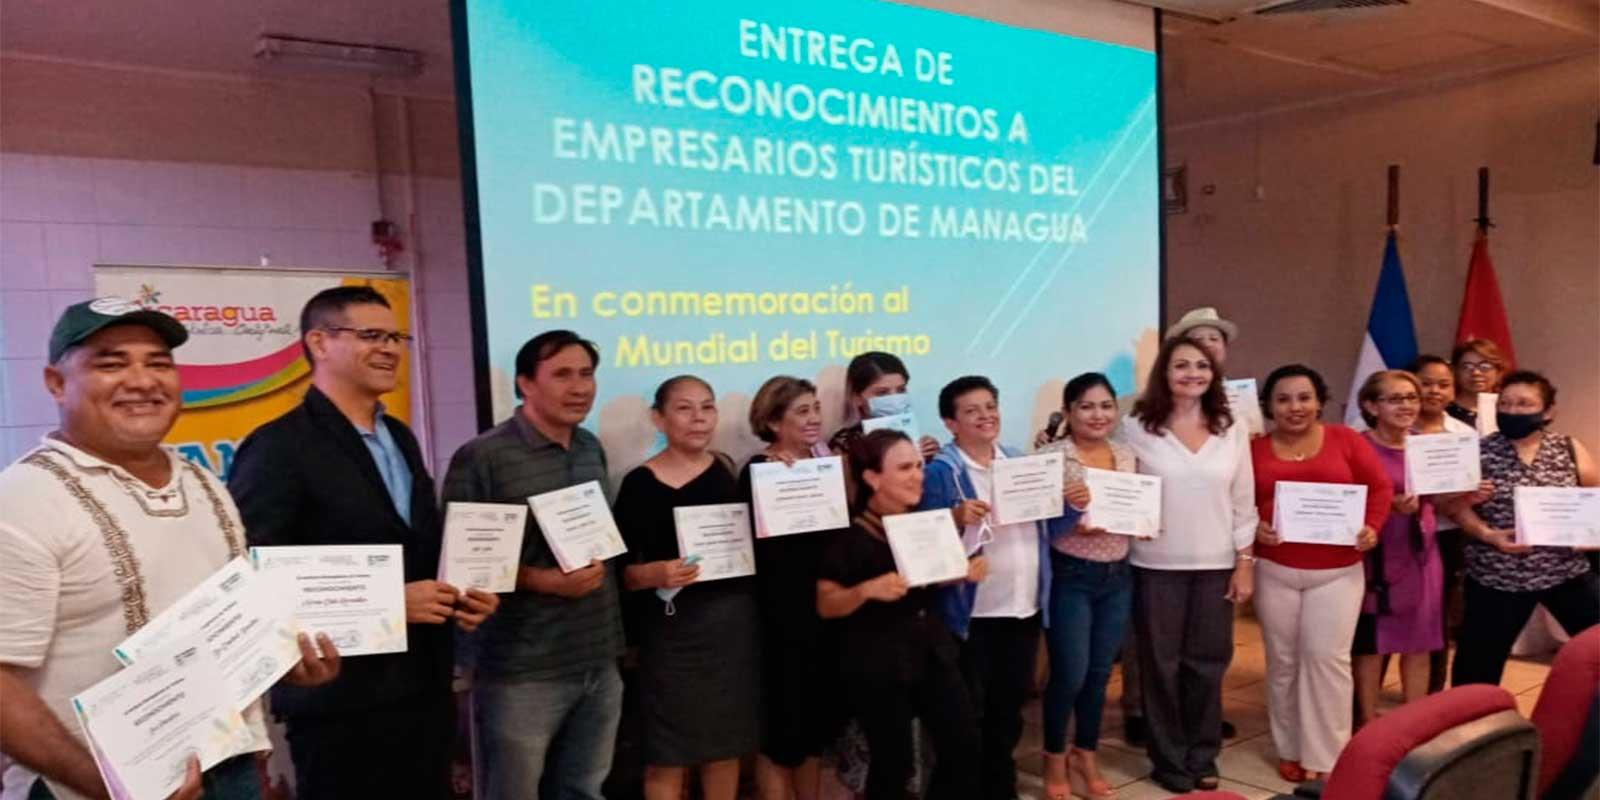 Reconocimientos-Managua-empresarios-2020